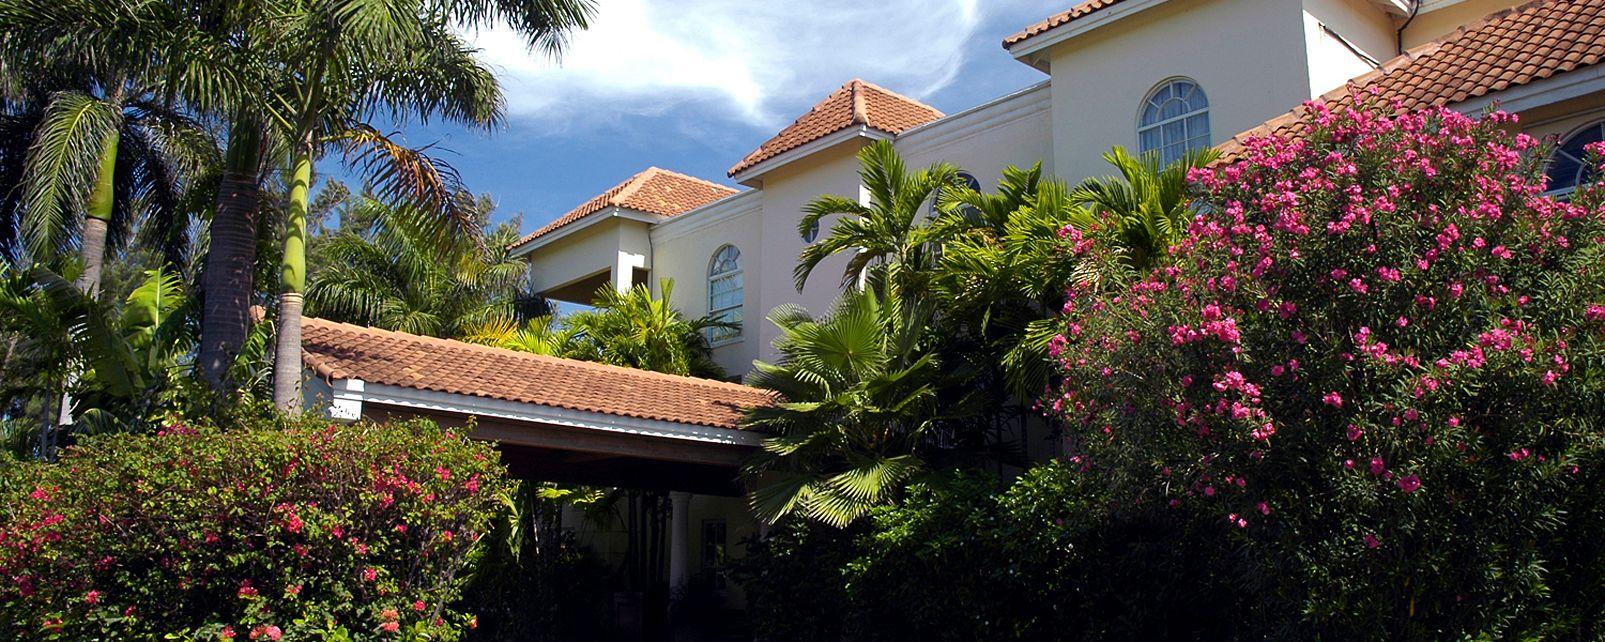 Hotel Coyaba